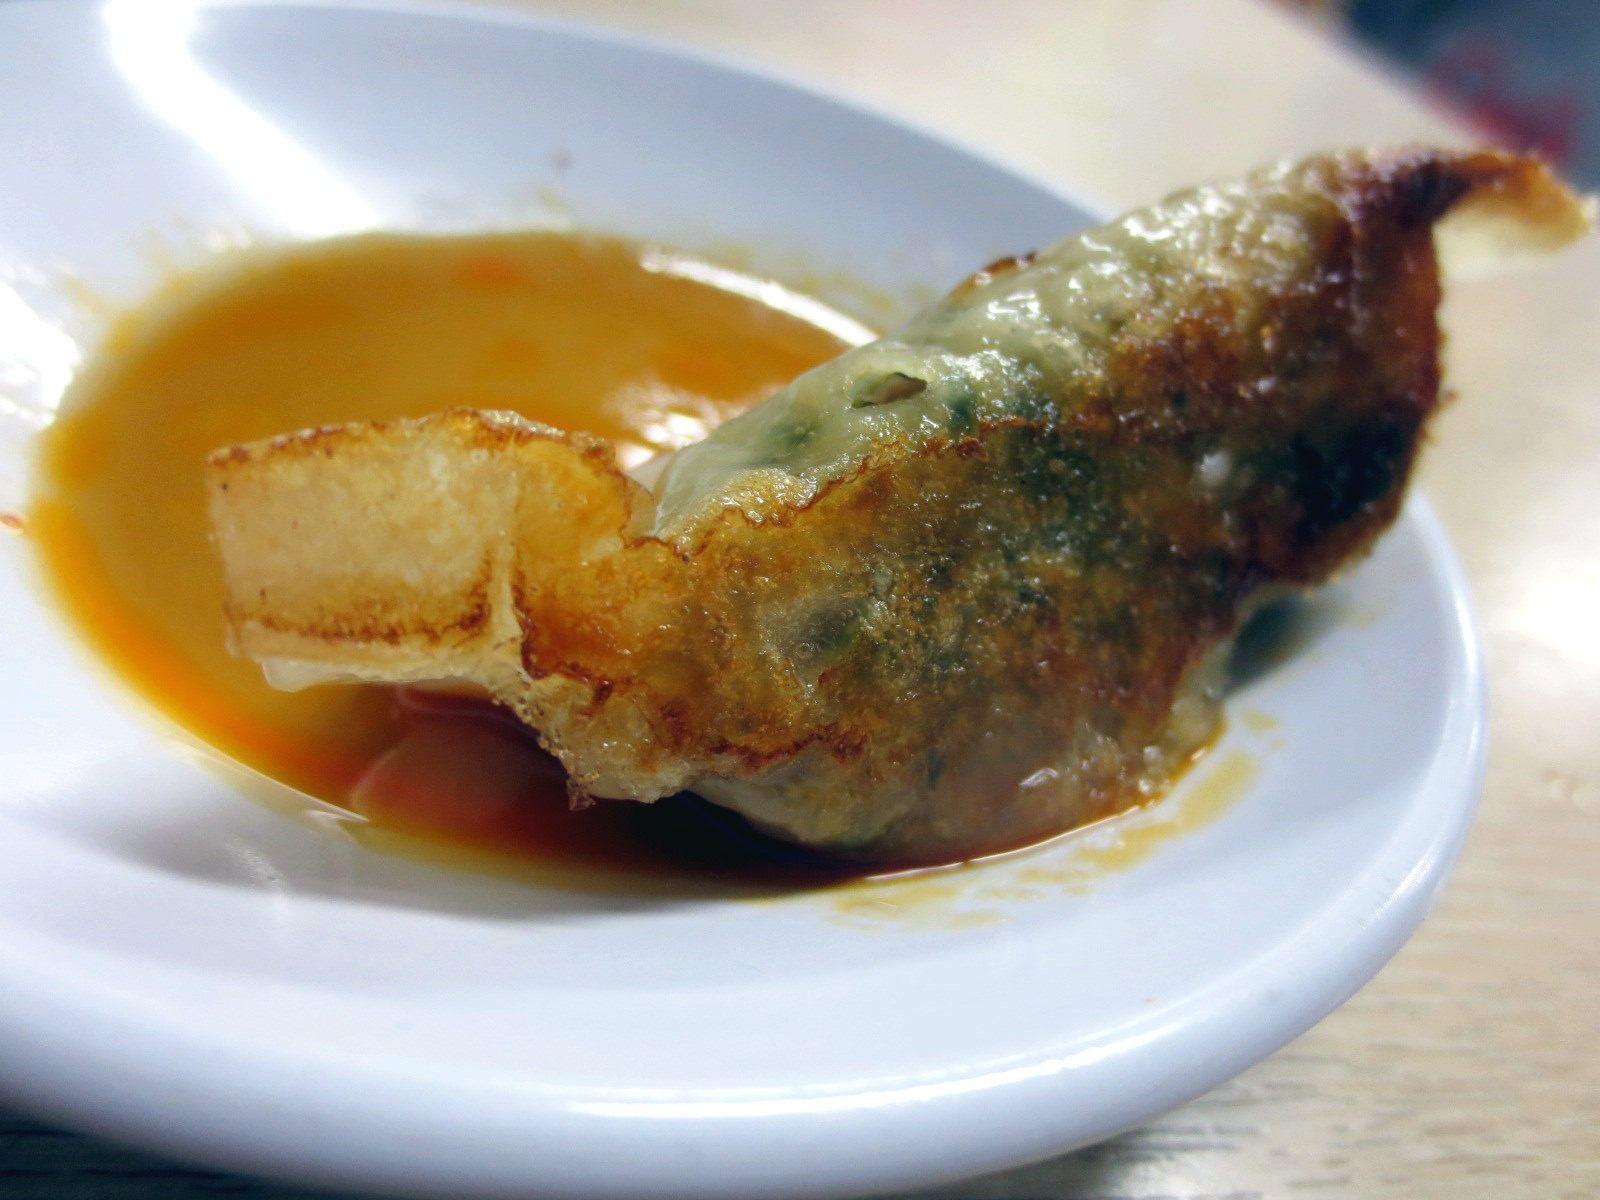 菠菜拉麵店自滿的拉麵和煎餃